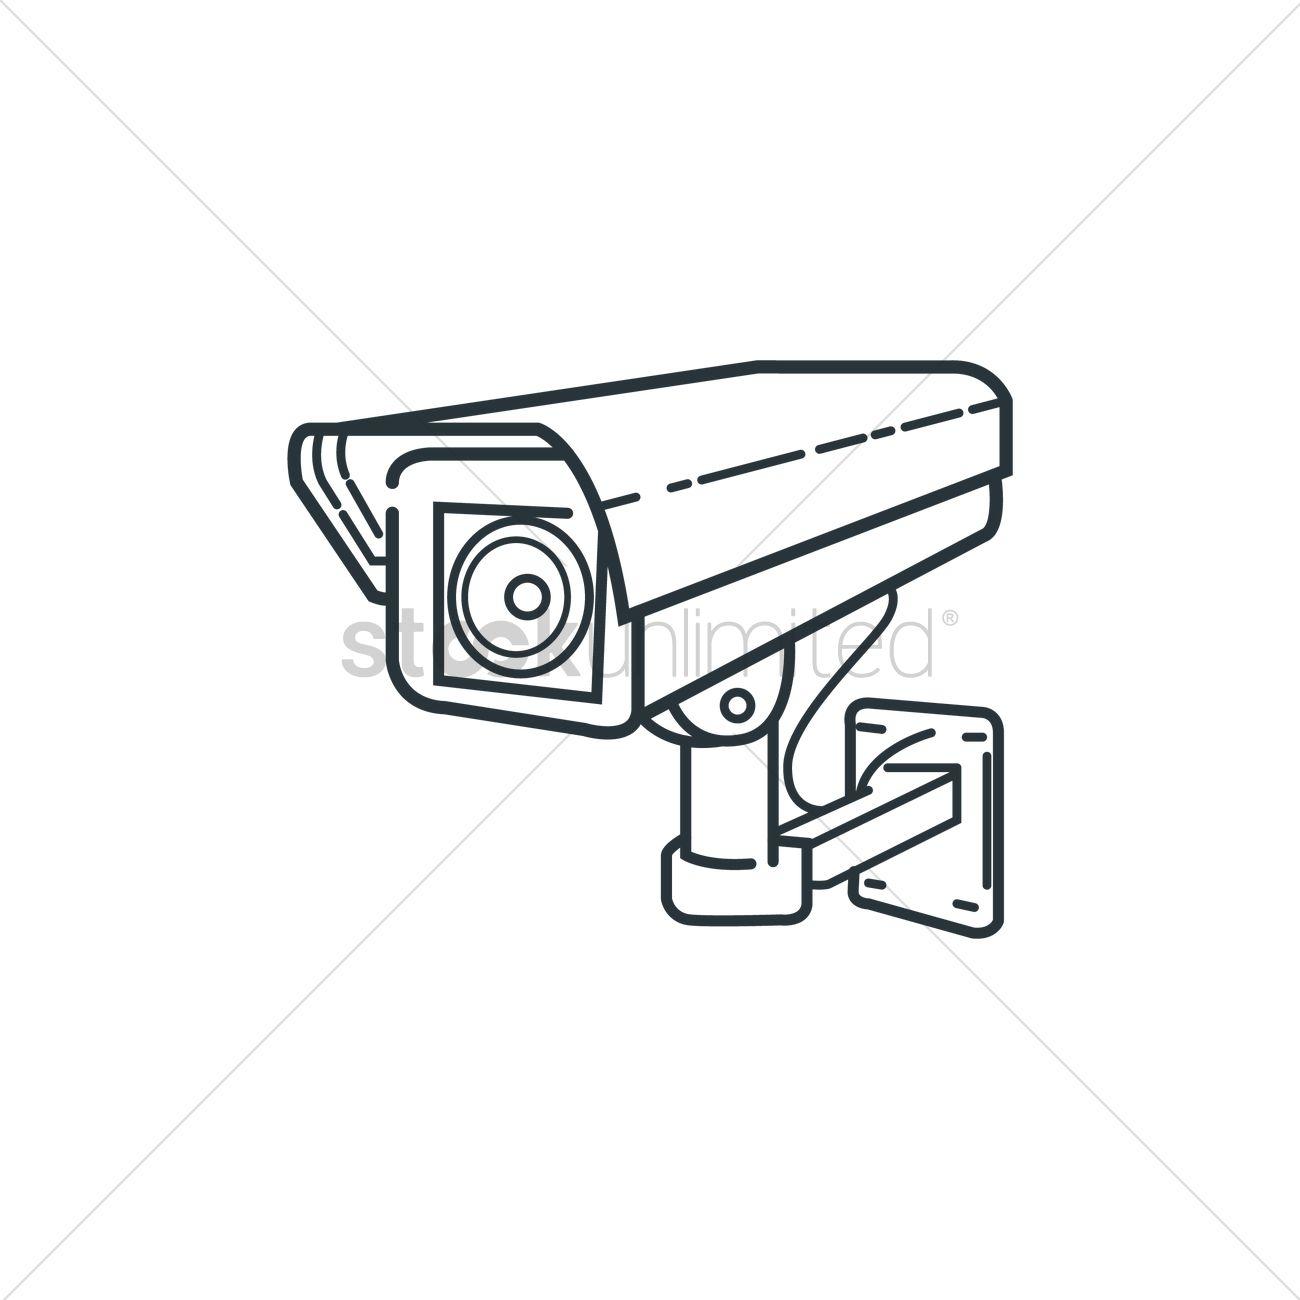 1300x1300 Surveillance Camera Vector Image